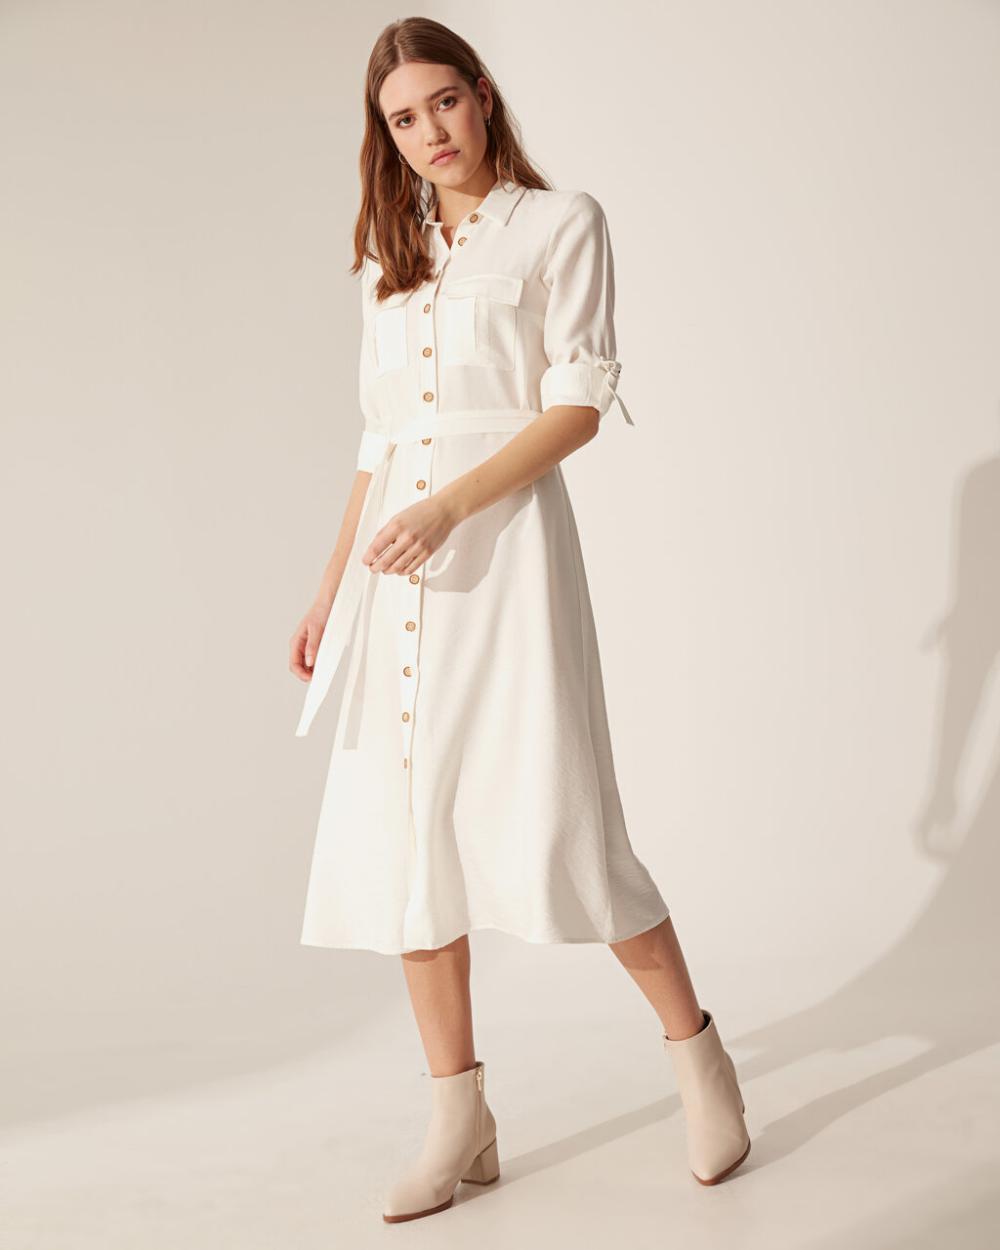 Beyaz Dokulu Kumastan Kusakli Gomlek Elbise Lc Waikiki In 2020 Shirt Dress Fashion Dresses